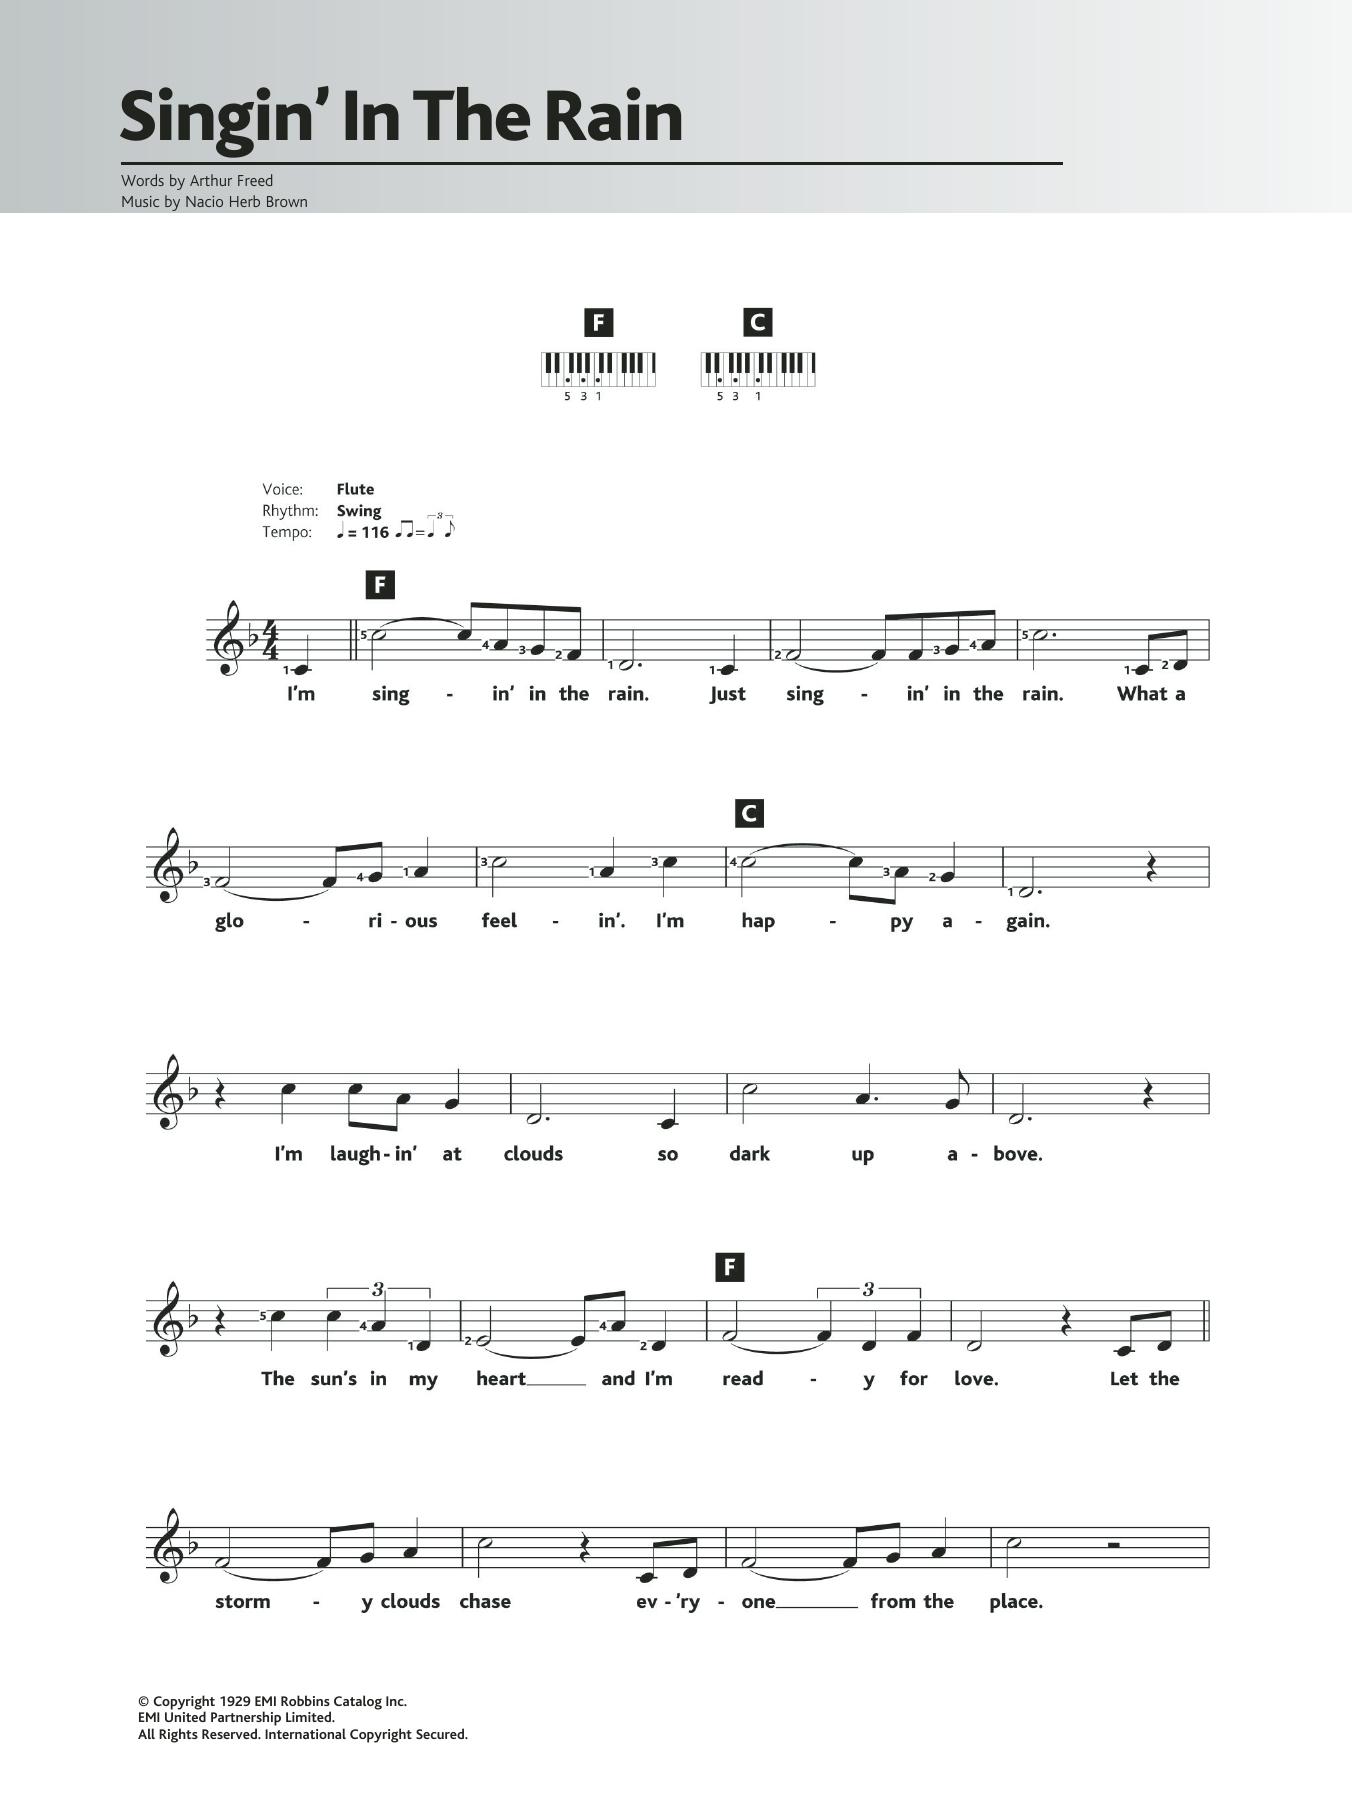 Singin' In The Rain Sheet Music